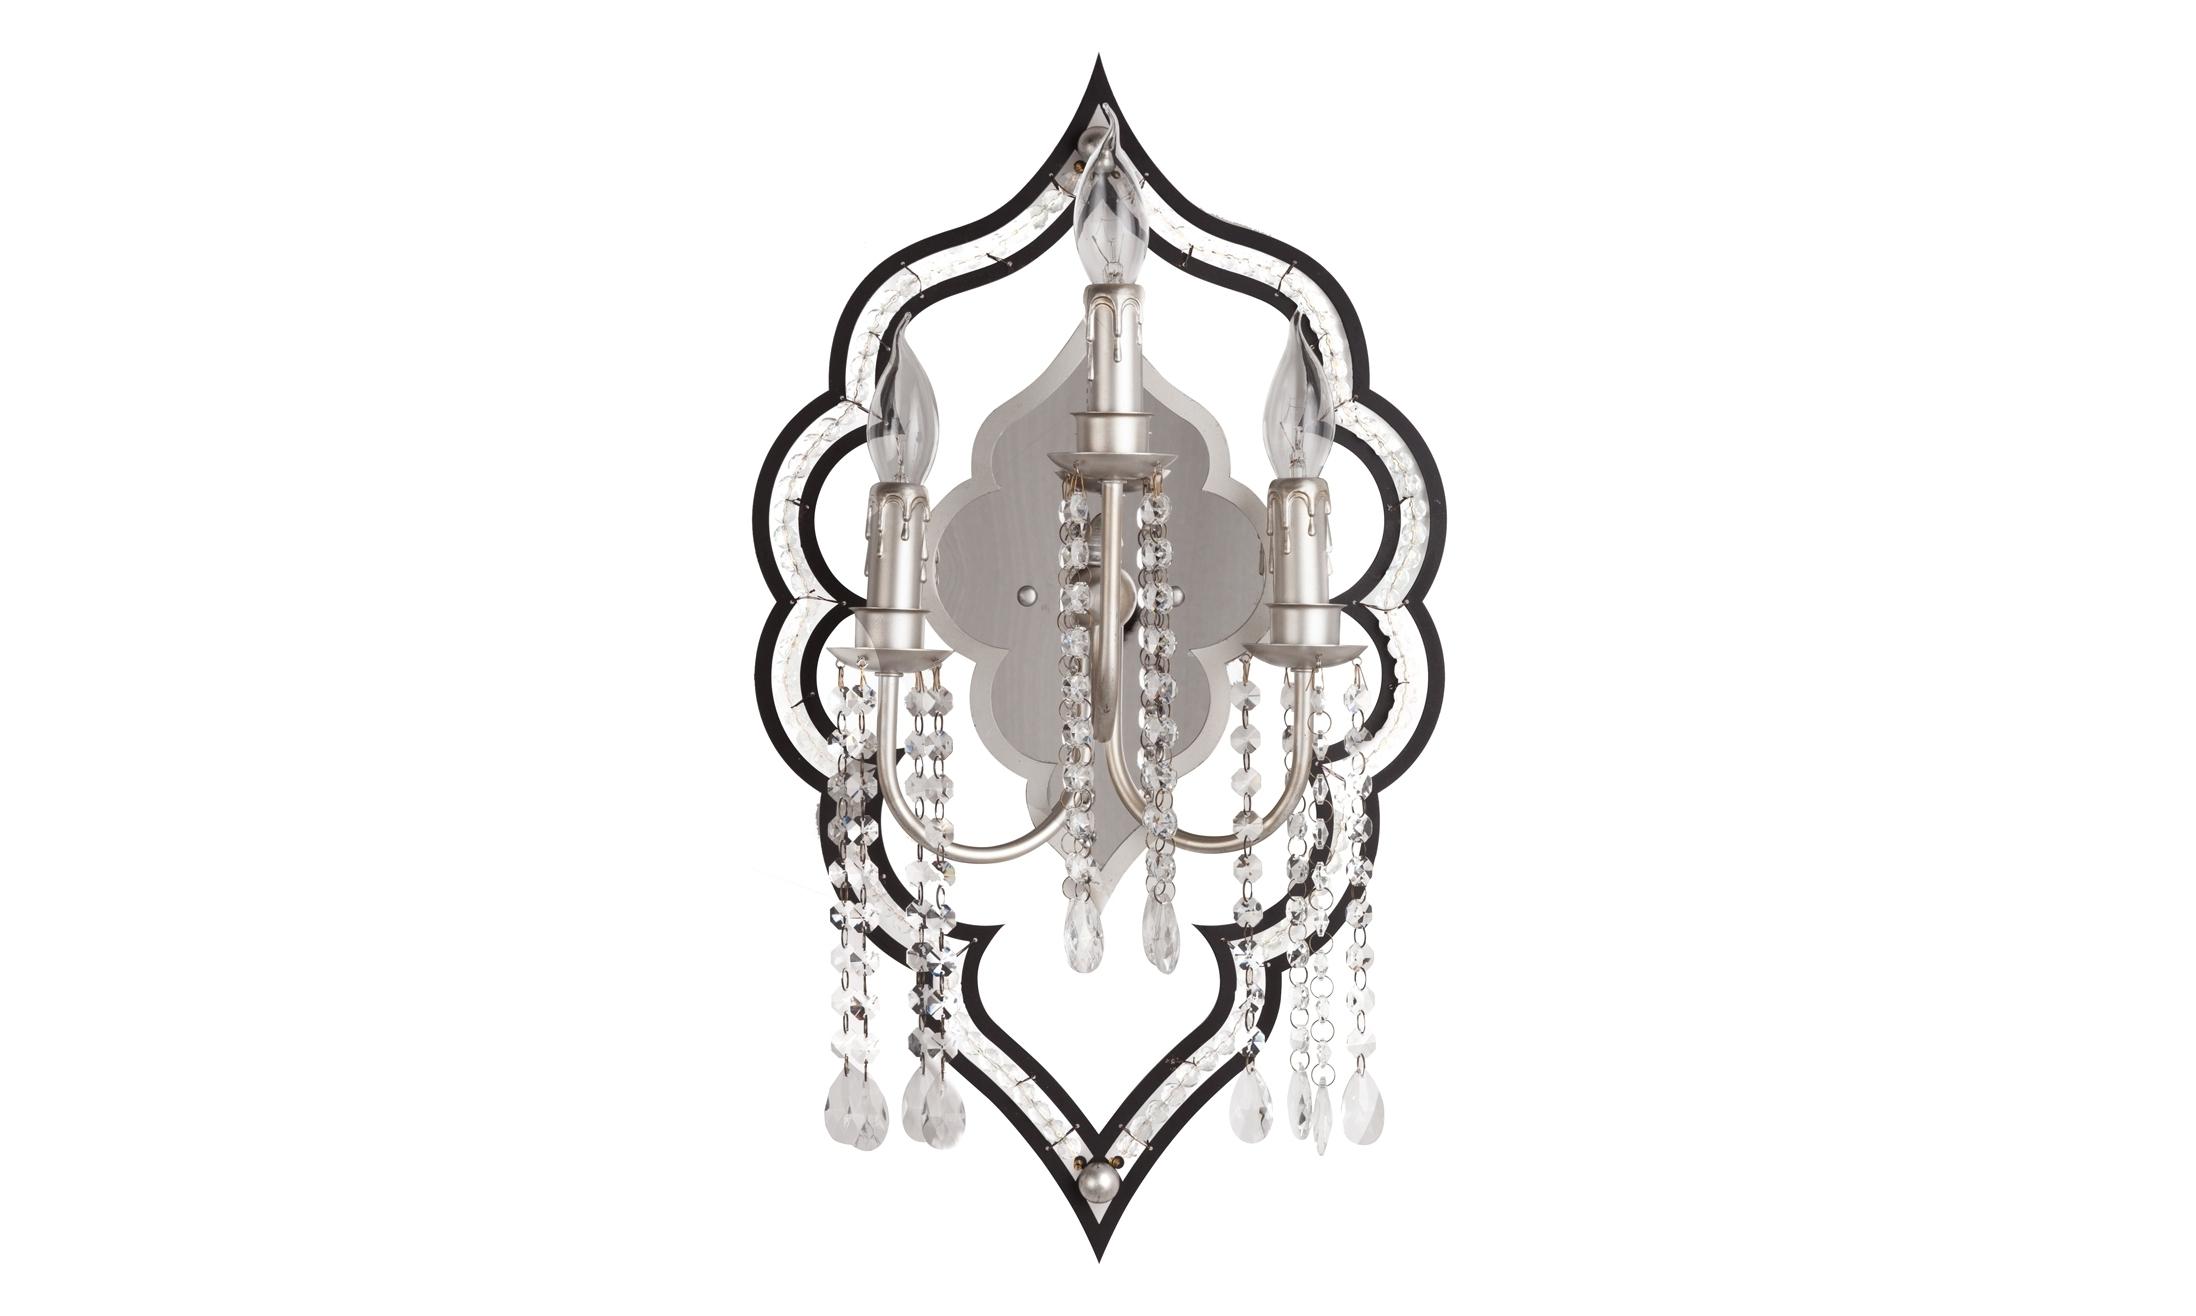 Бра ClassicoБра<br>&amp;lt;div&amp;gt;Настенные дизайнерские бра CLASSICO — это элементы декора самого высокого класса, которые наполнят пространство комнаты мягким светом и таинственной красотой. Также такие светильники займут совсем немного места.&amp;lt;/div&amp;gt;&amp;lt;div&amp;gt;Мощность ламп: 40W&amp;lt;/div&amp;gt;&amp;lt;div&amp;gt;Тип лампочки: E14&amp;lt;/div&amp;gt;&amp;lt;div&amp;gt;Количество ламп: 3&amp;lt;/div&amp;gt;<br><br>Material: Металл<br>Width см: 34<br>Height см: 59